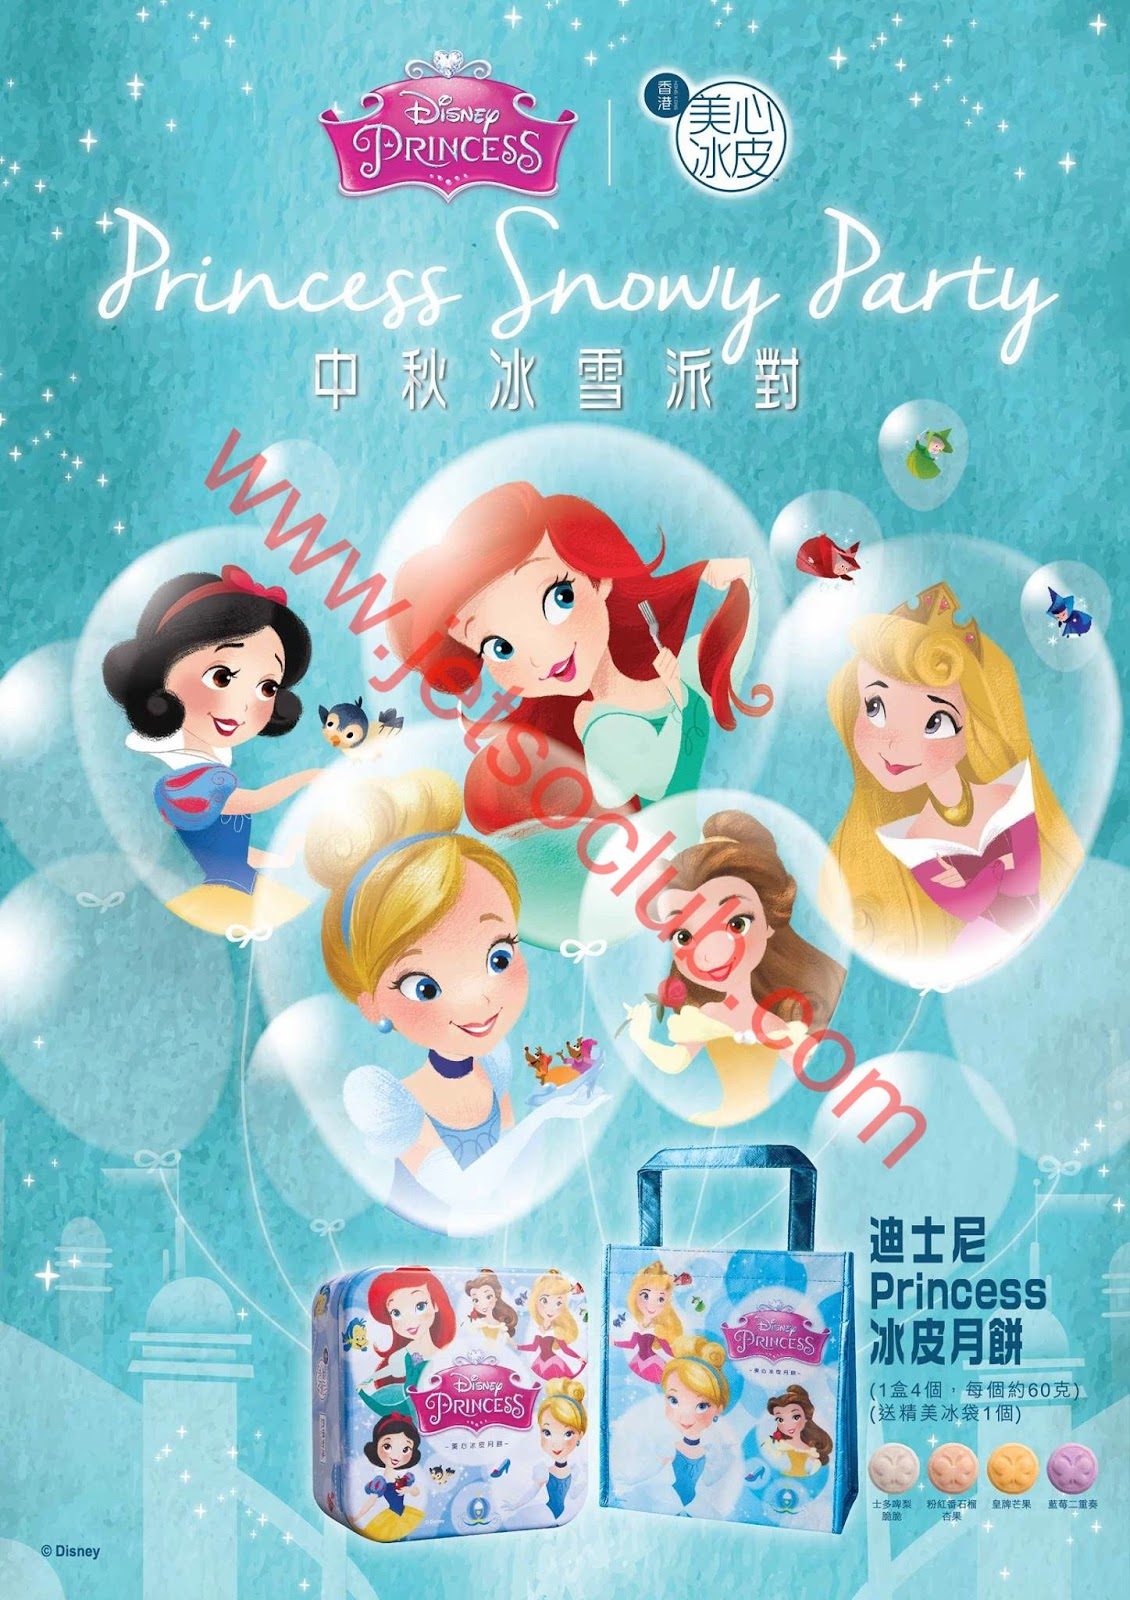 美心西餅:全新推出迪士尼 Princess 冰皮月餅 ( Jetso Club 著數俱樂部 )